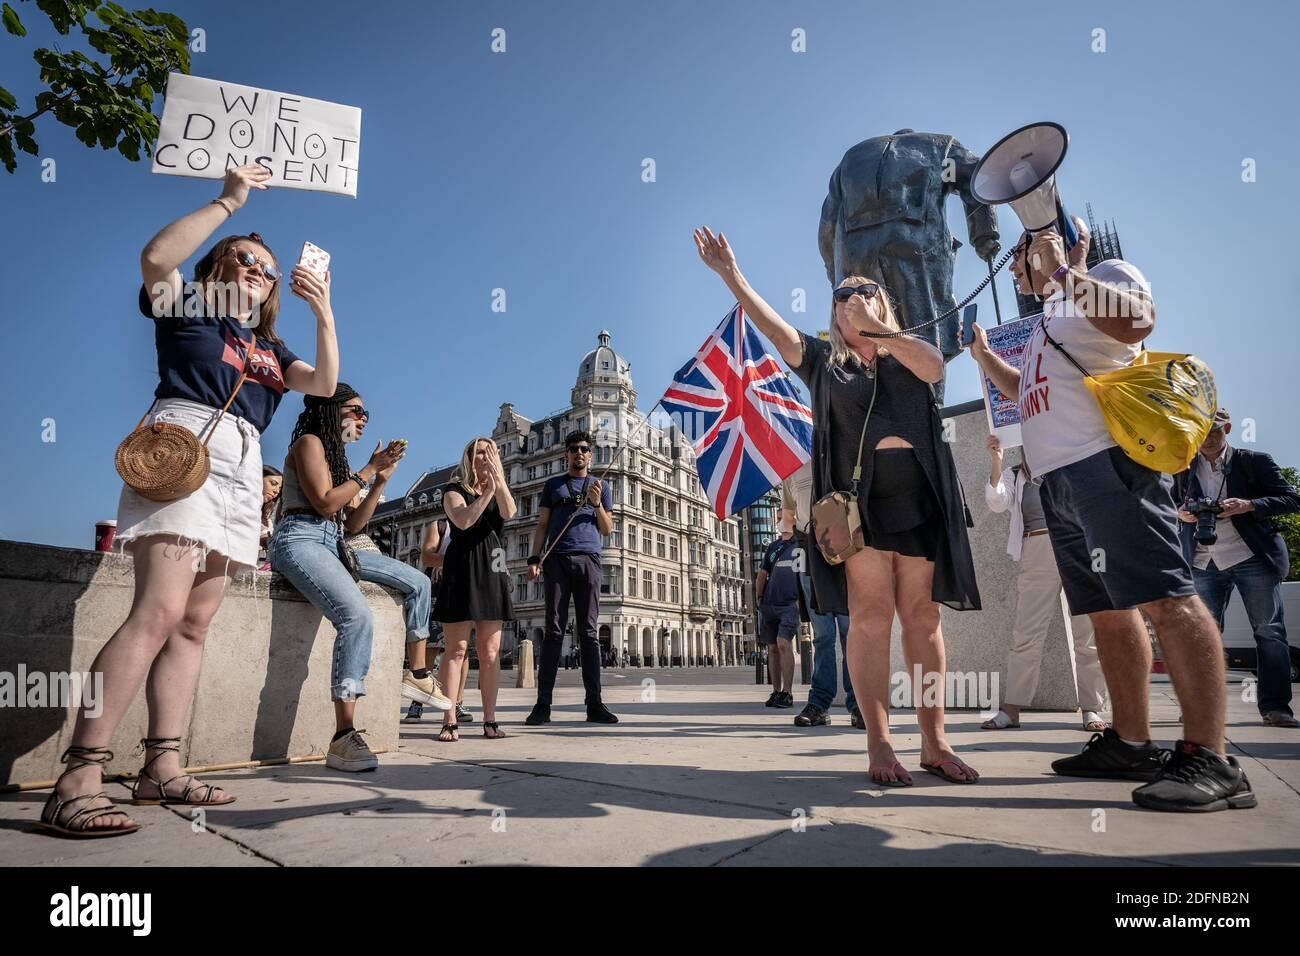 Coronavirus: Protesta contra el bloqueo en la Plaza del Parlamento. Una pequeña reunión de manifestantes anti-encierro del movimiento Stand-Up X se reúnen en la plaza. Foto de stock